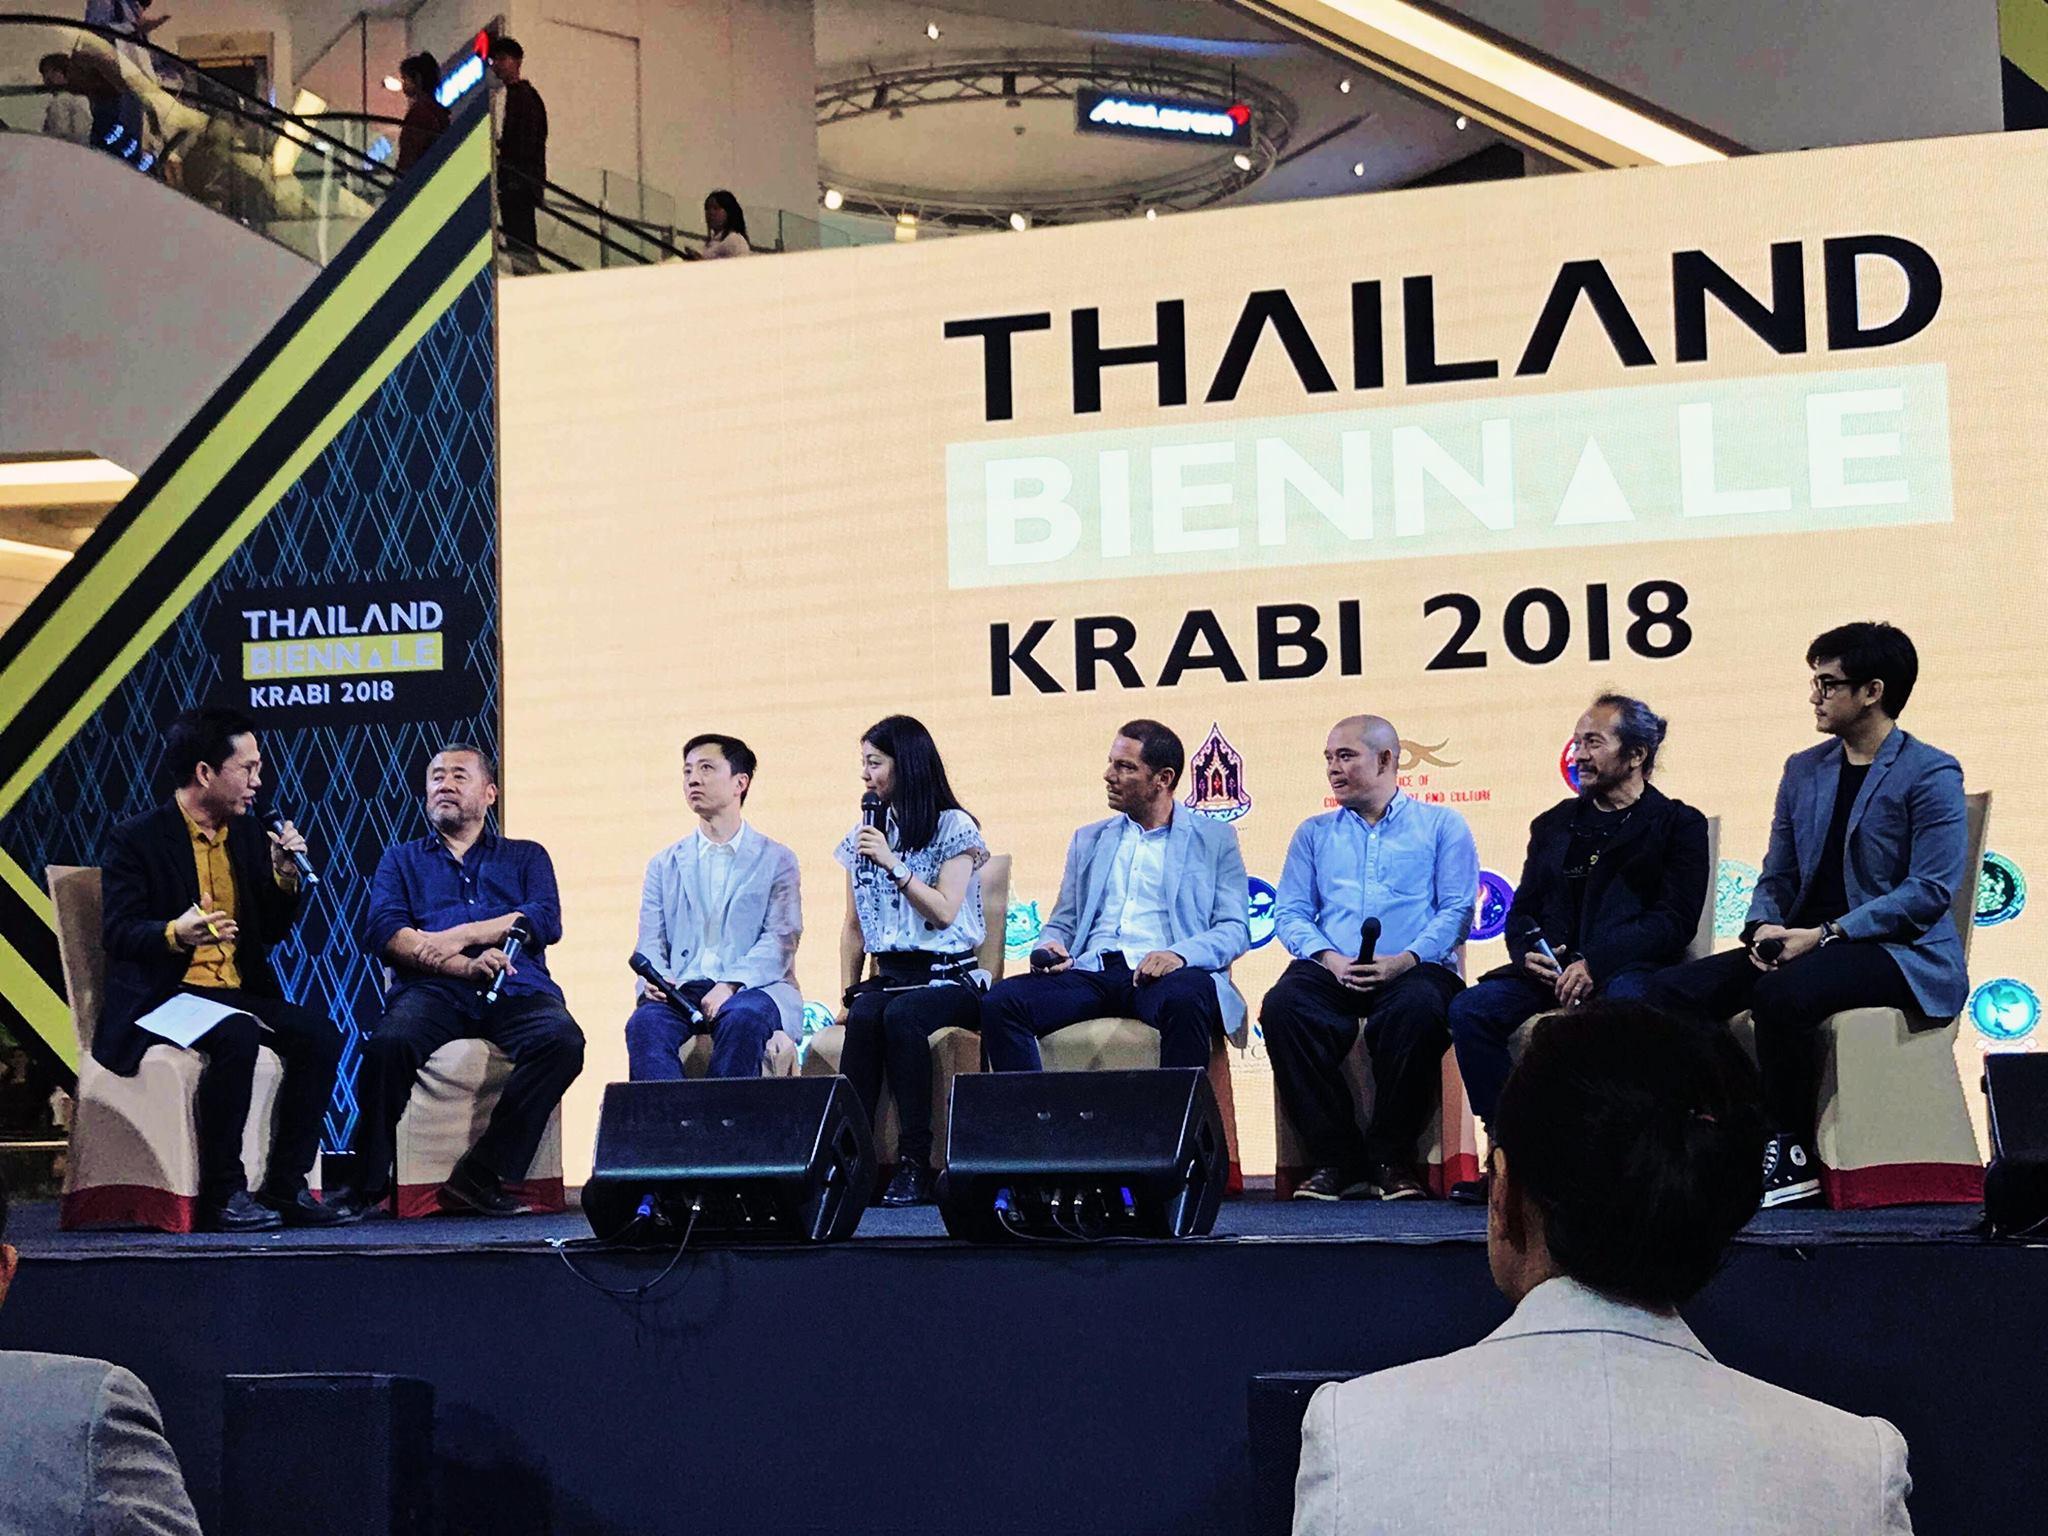 Exhibition: Thailand Biennale 2018